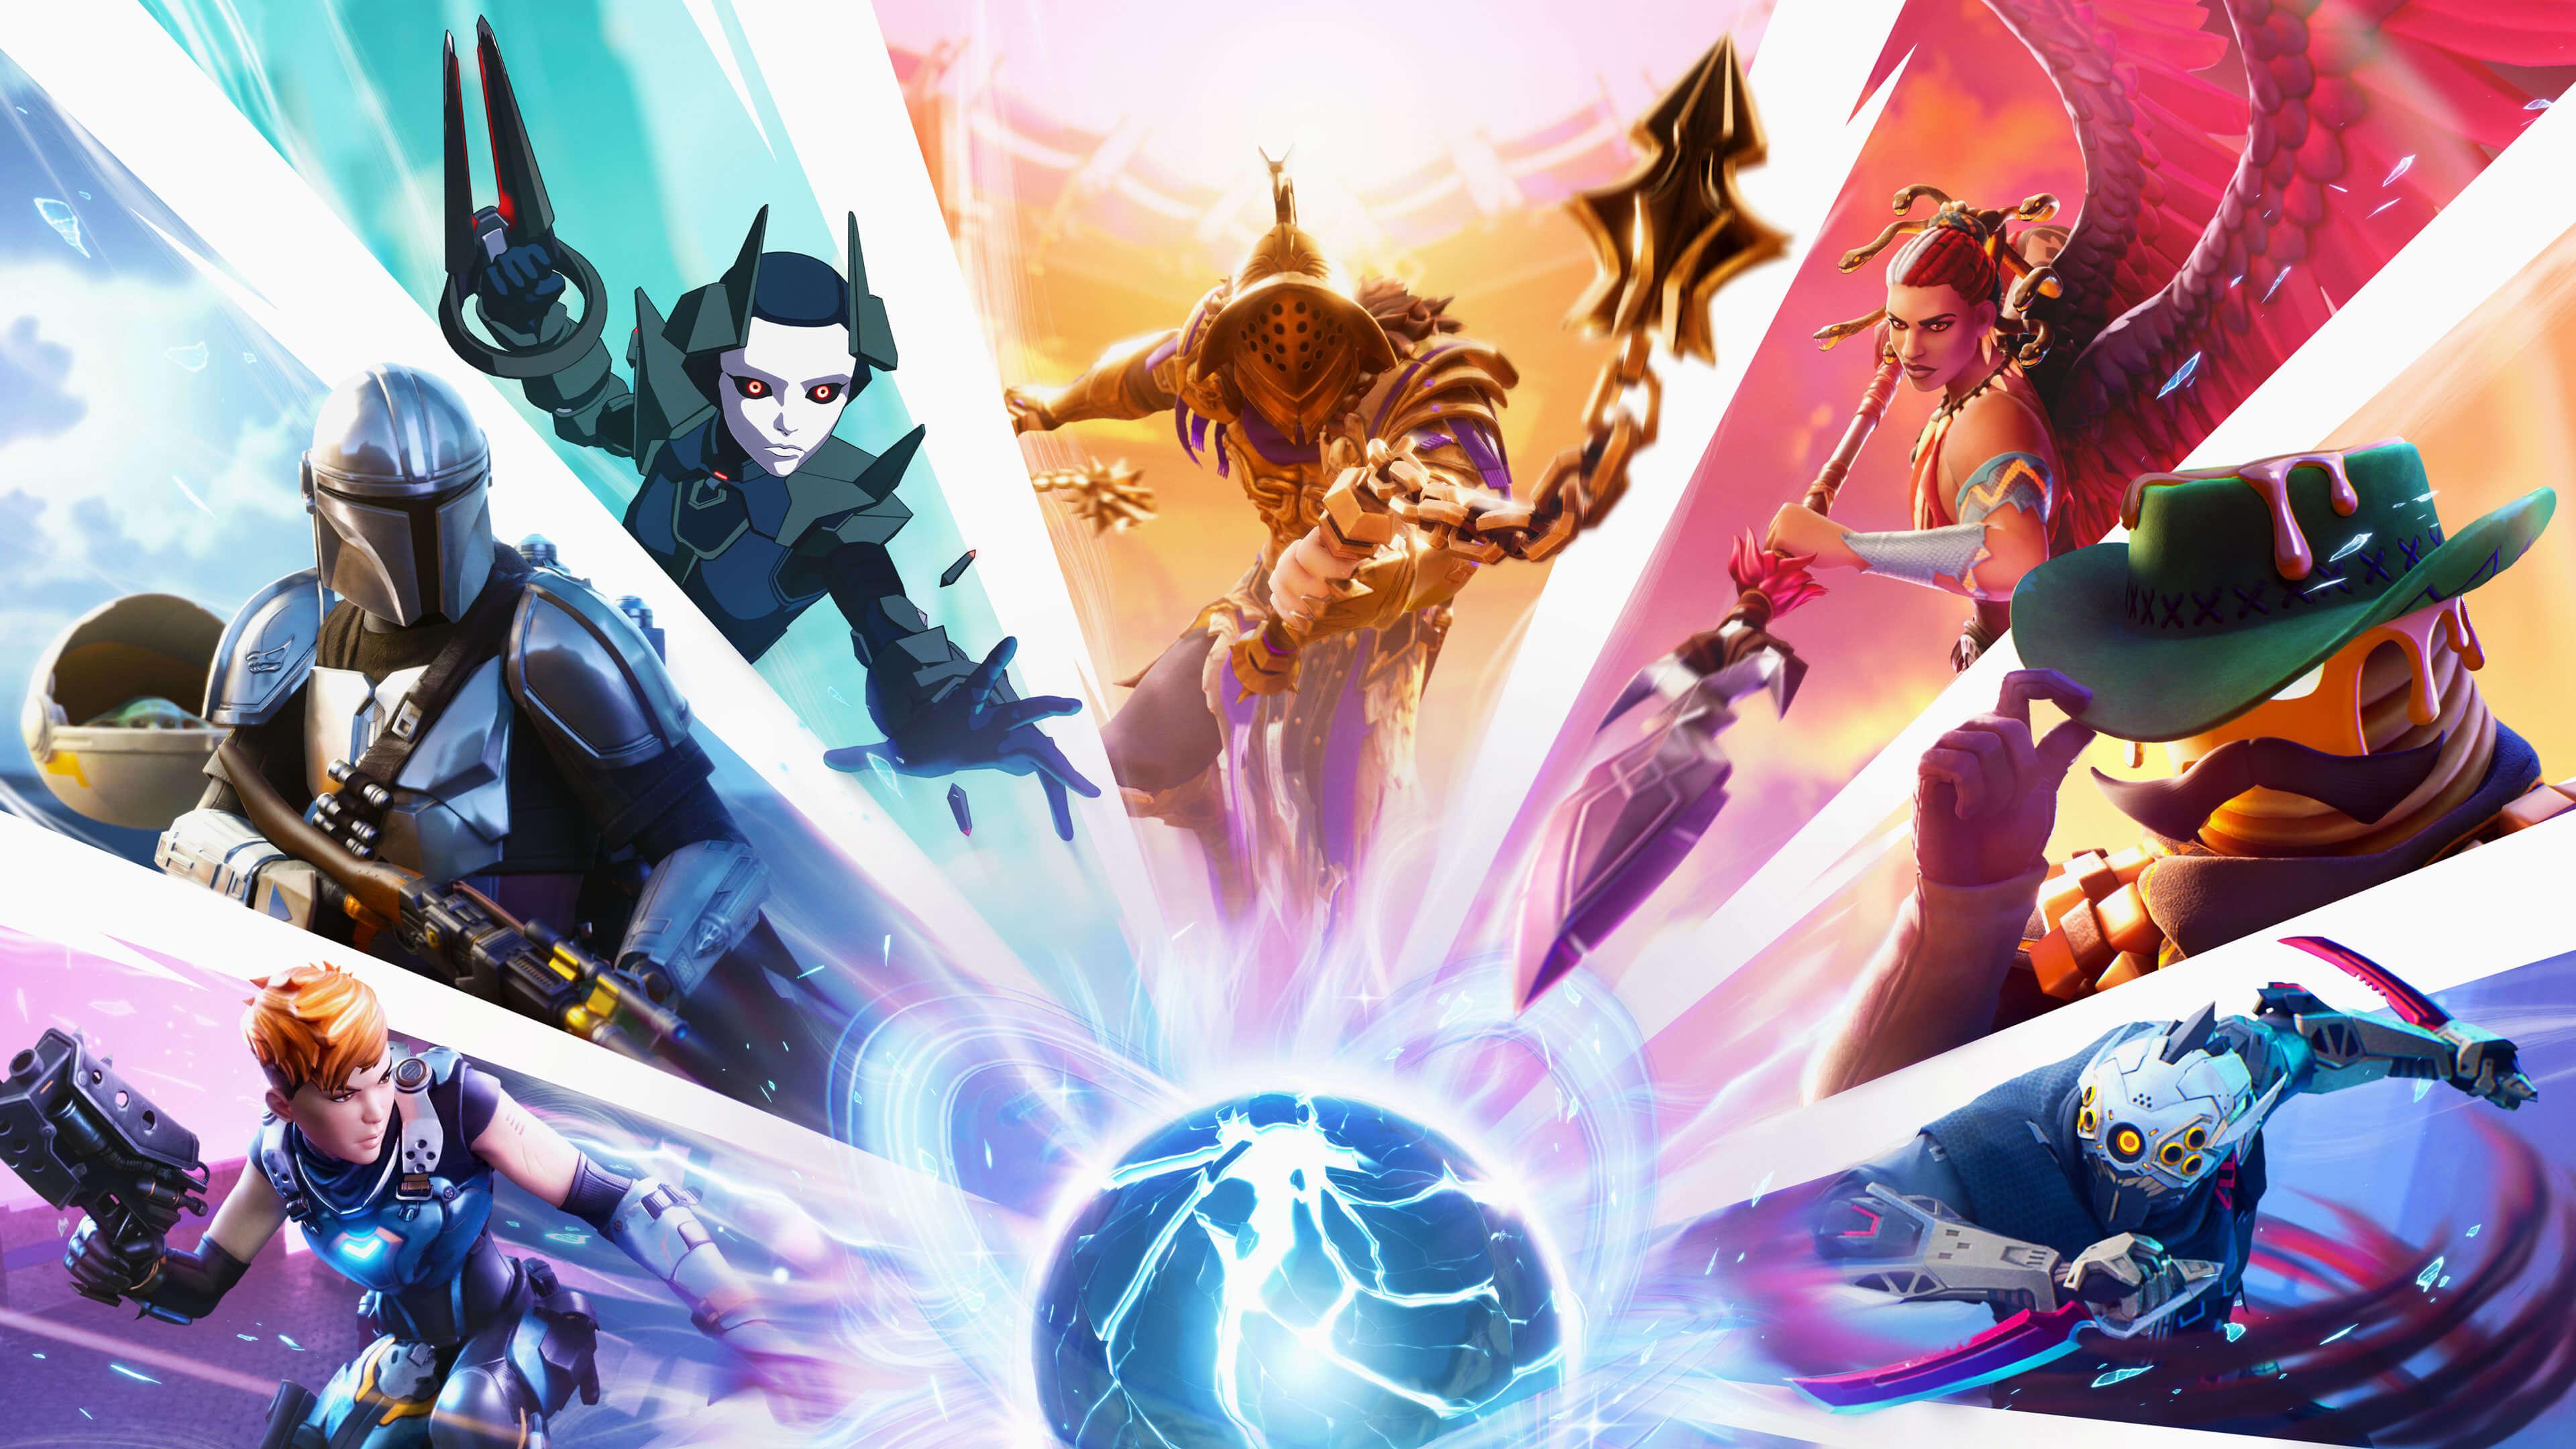 Fortnite chapter 2 season 5 artwork